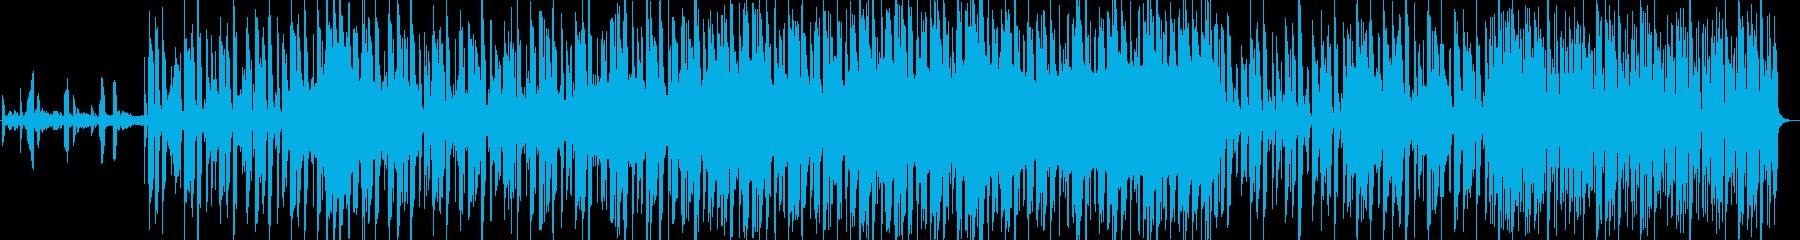 アンビエント90年代のテクノにイン...の再生済みの波形